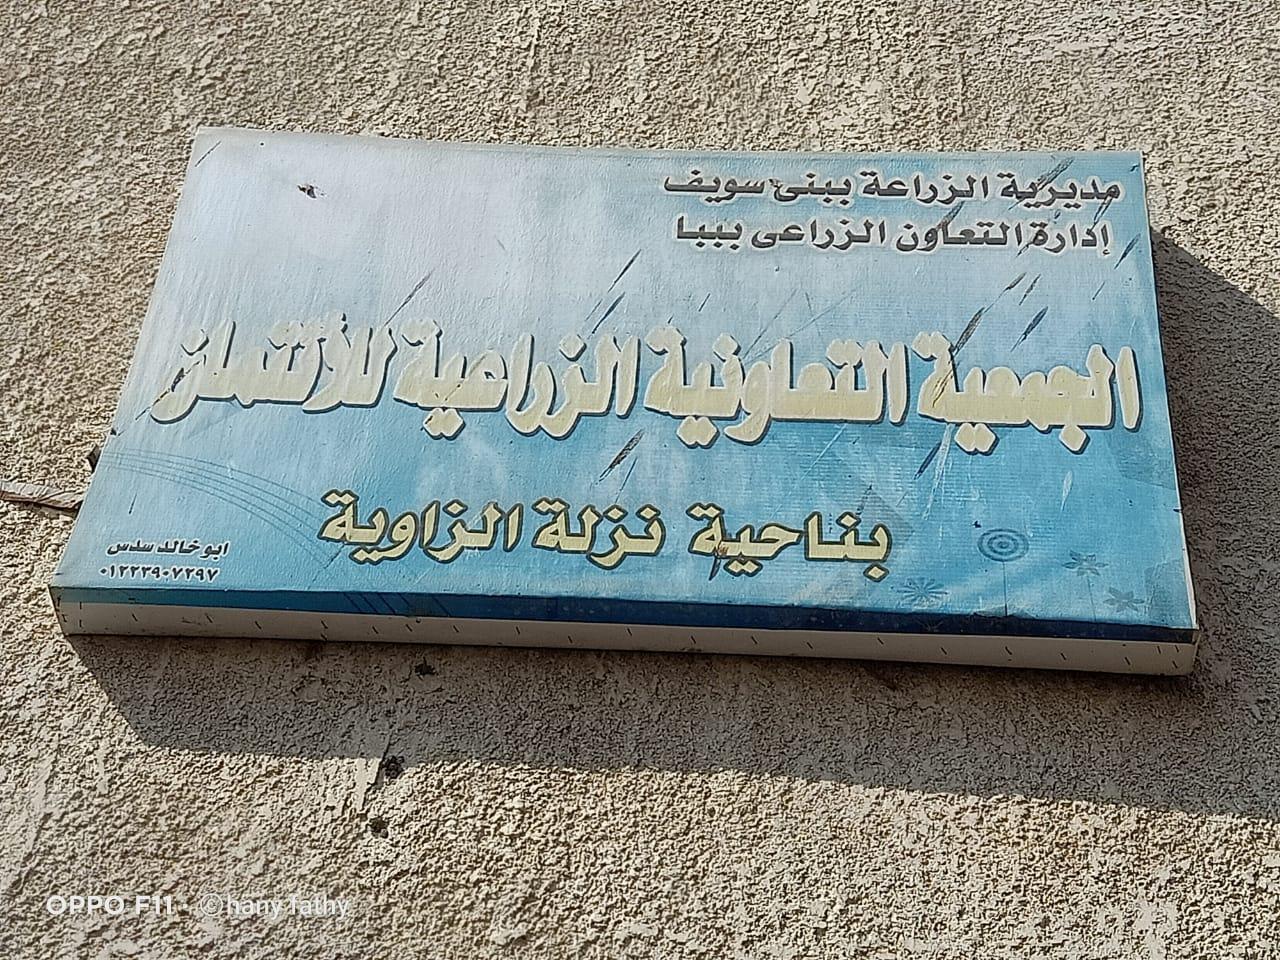 348696--قرية-نزلة-الزاوية--عمار--التابعة-لمركز-ببا-بمحافظة-بنى-سويف-(3)